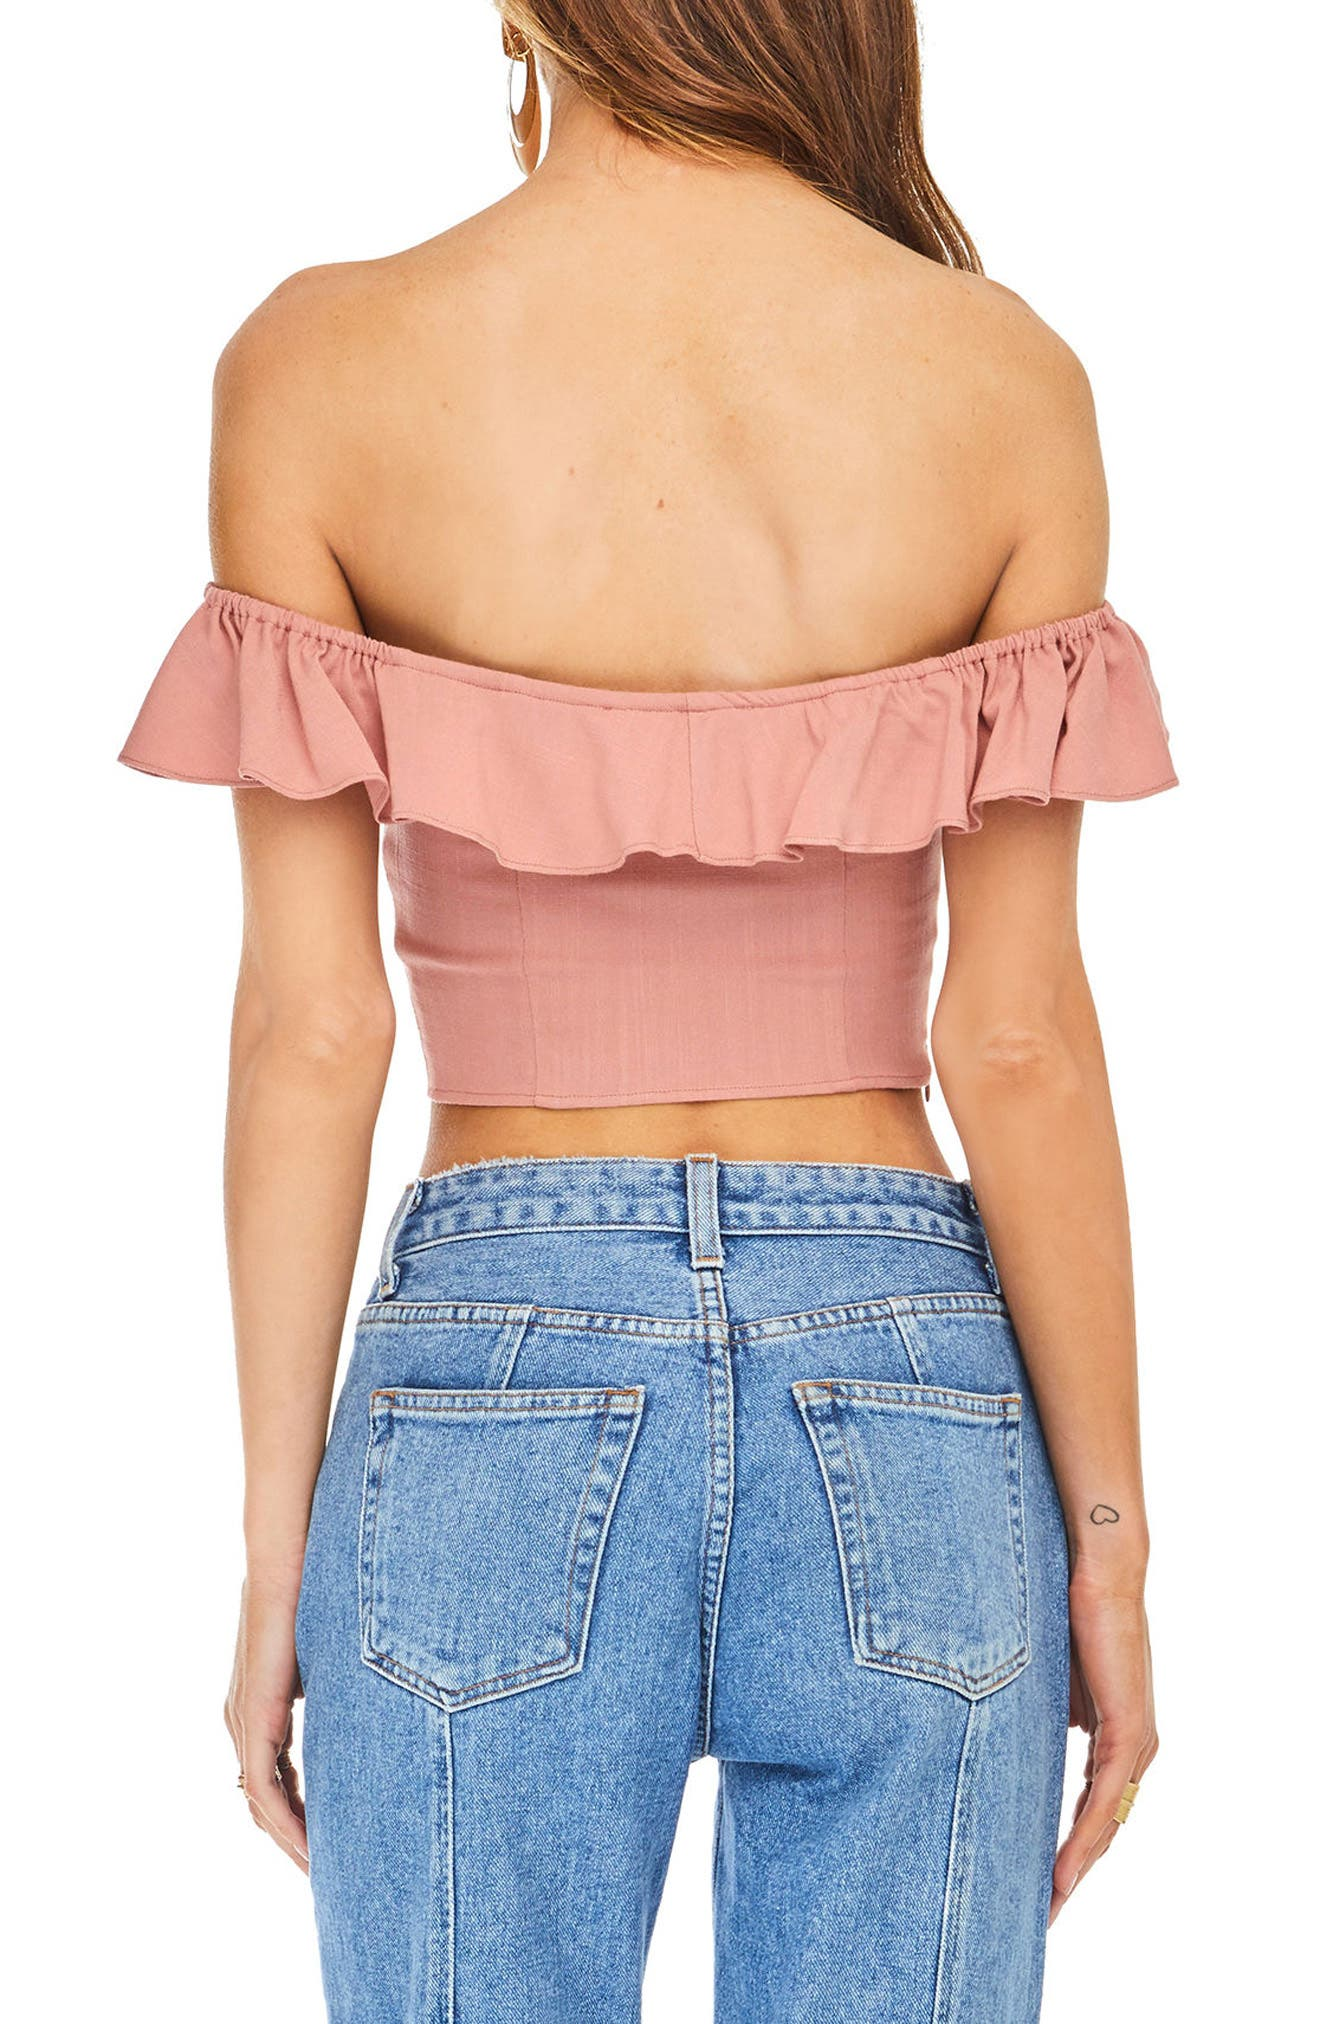 Abella Off the Shoulder Crop Top,                             Alternate thumbnail 4, color,                             Carnation Pink